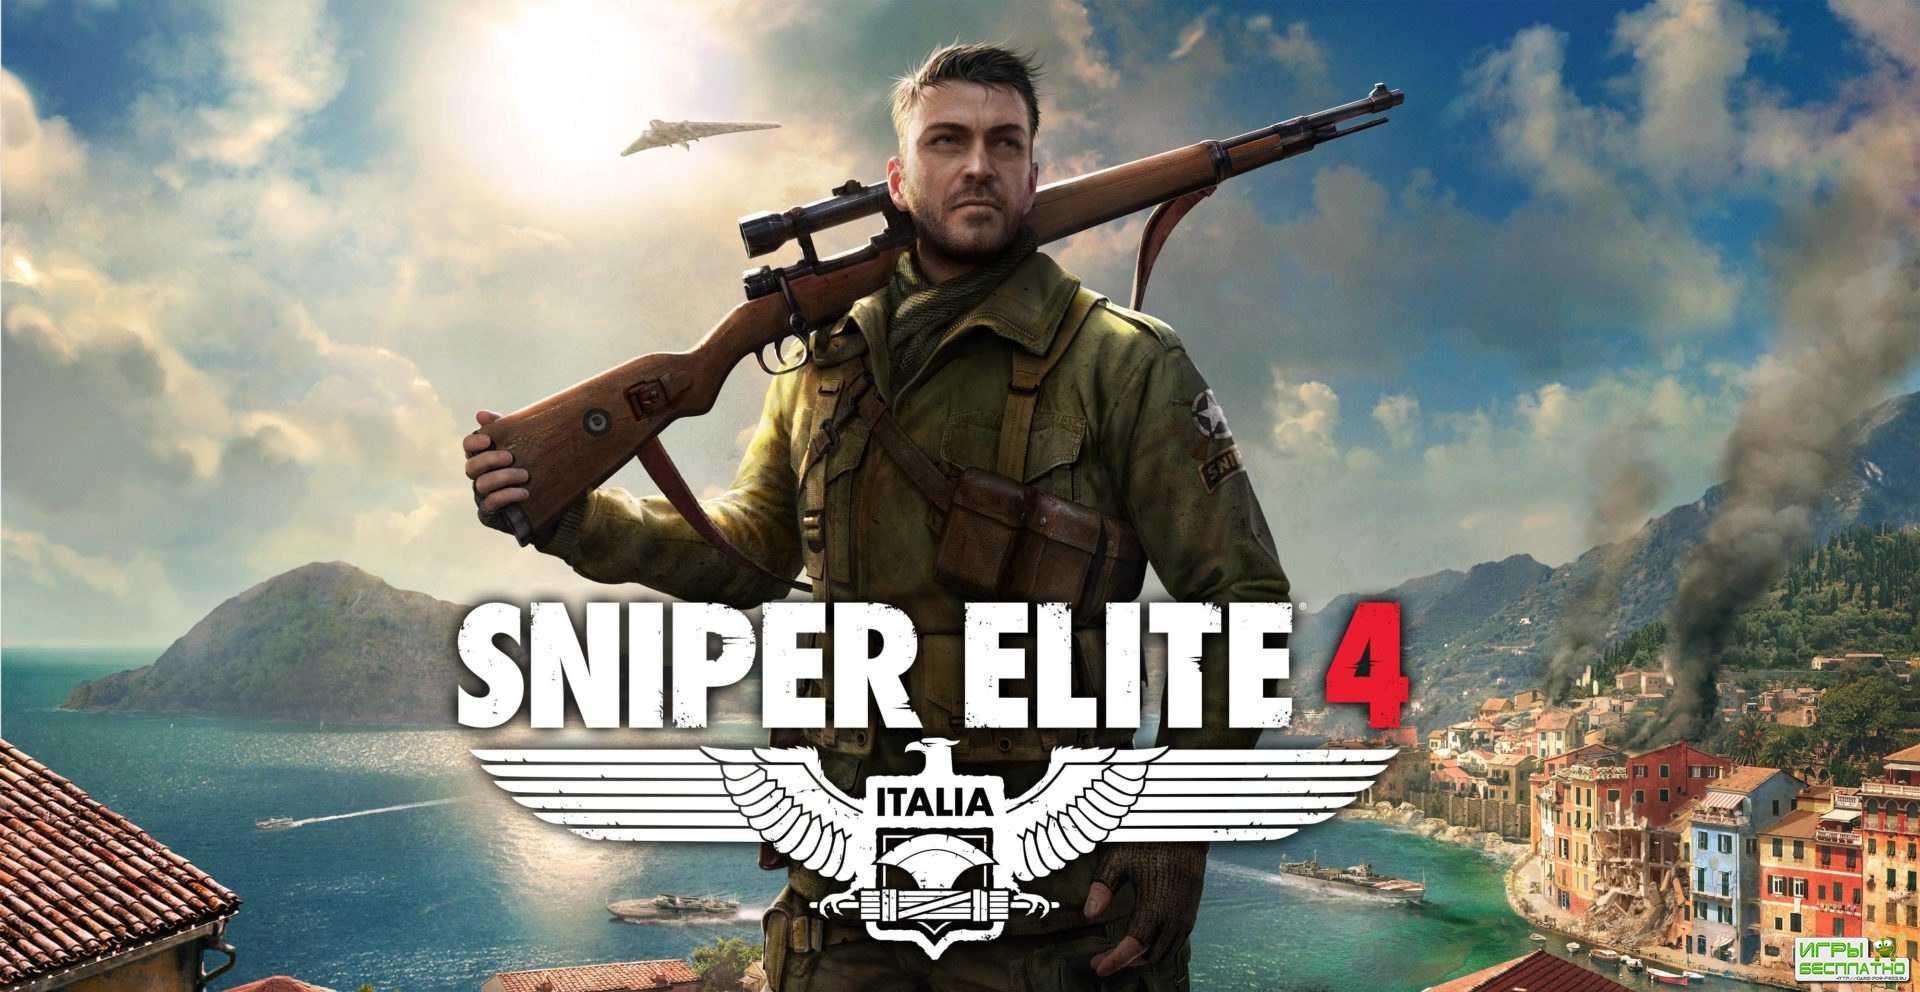 Sniper Elite 4 оказался отличной игрой